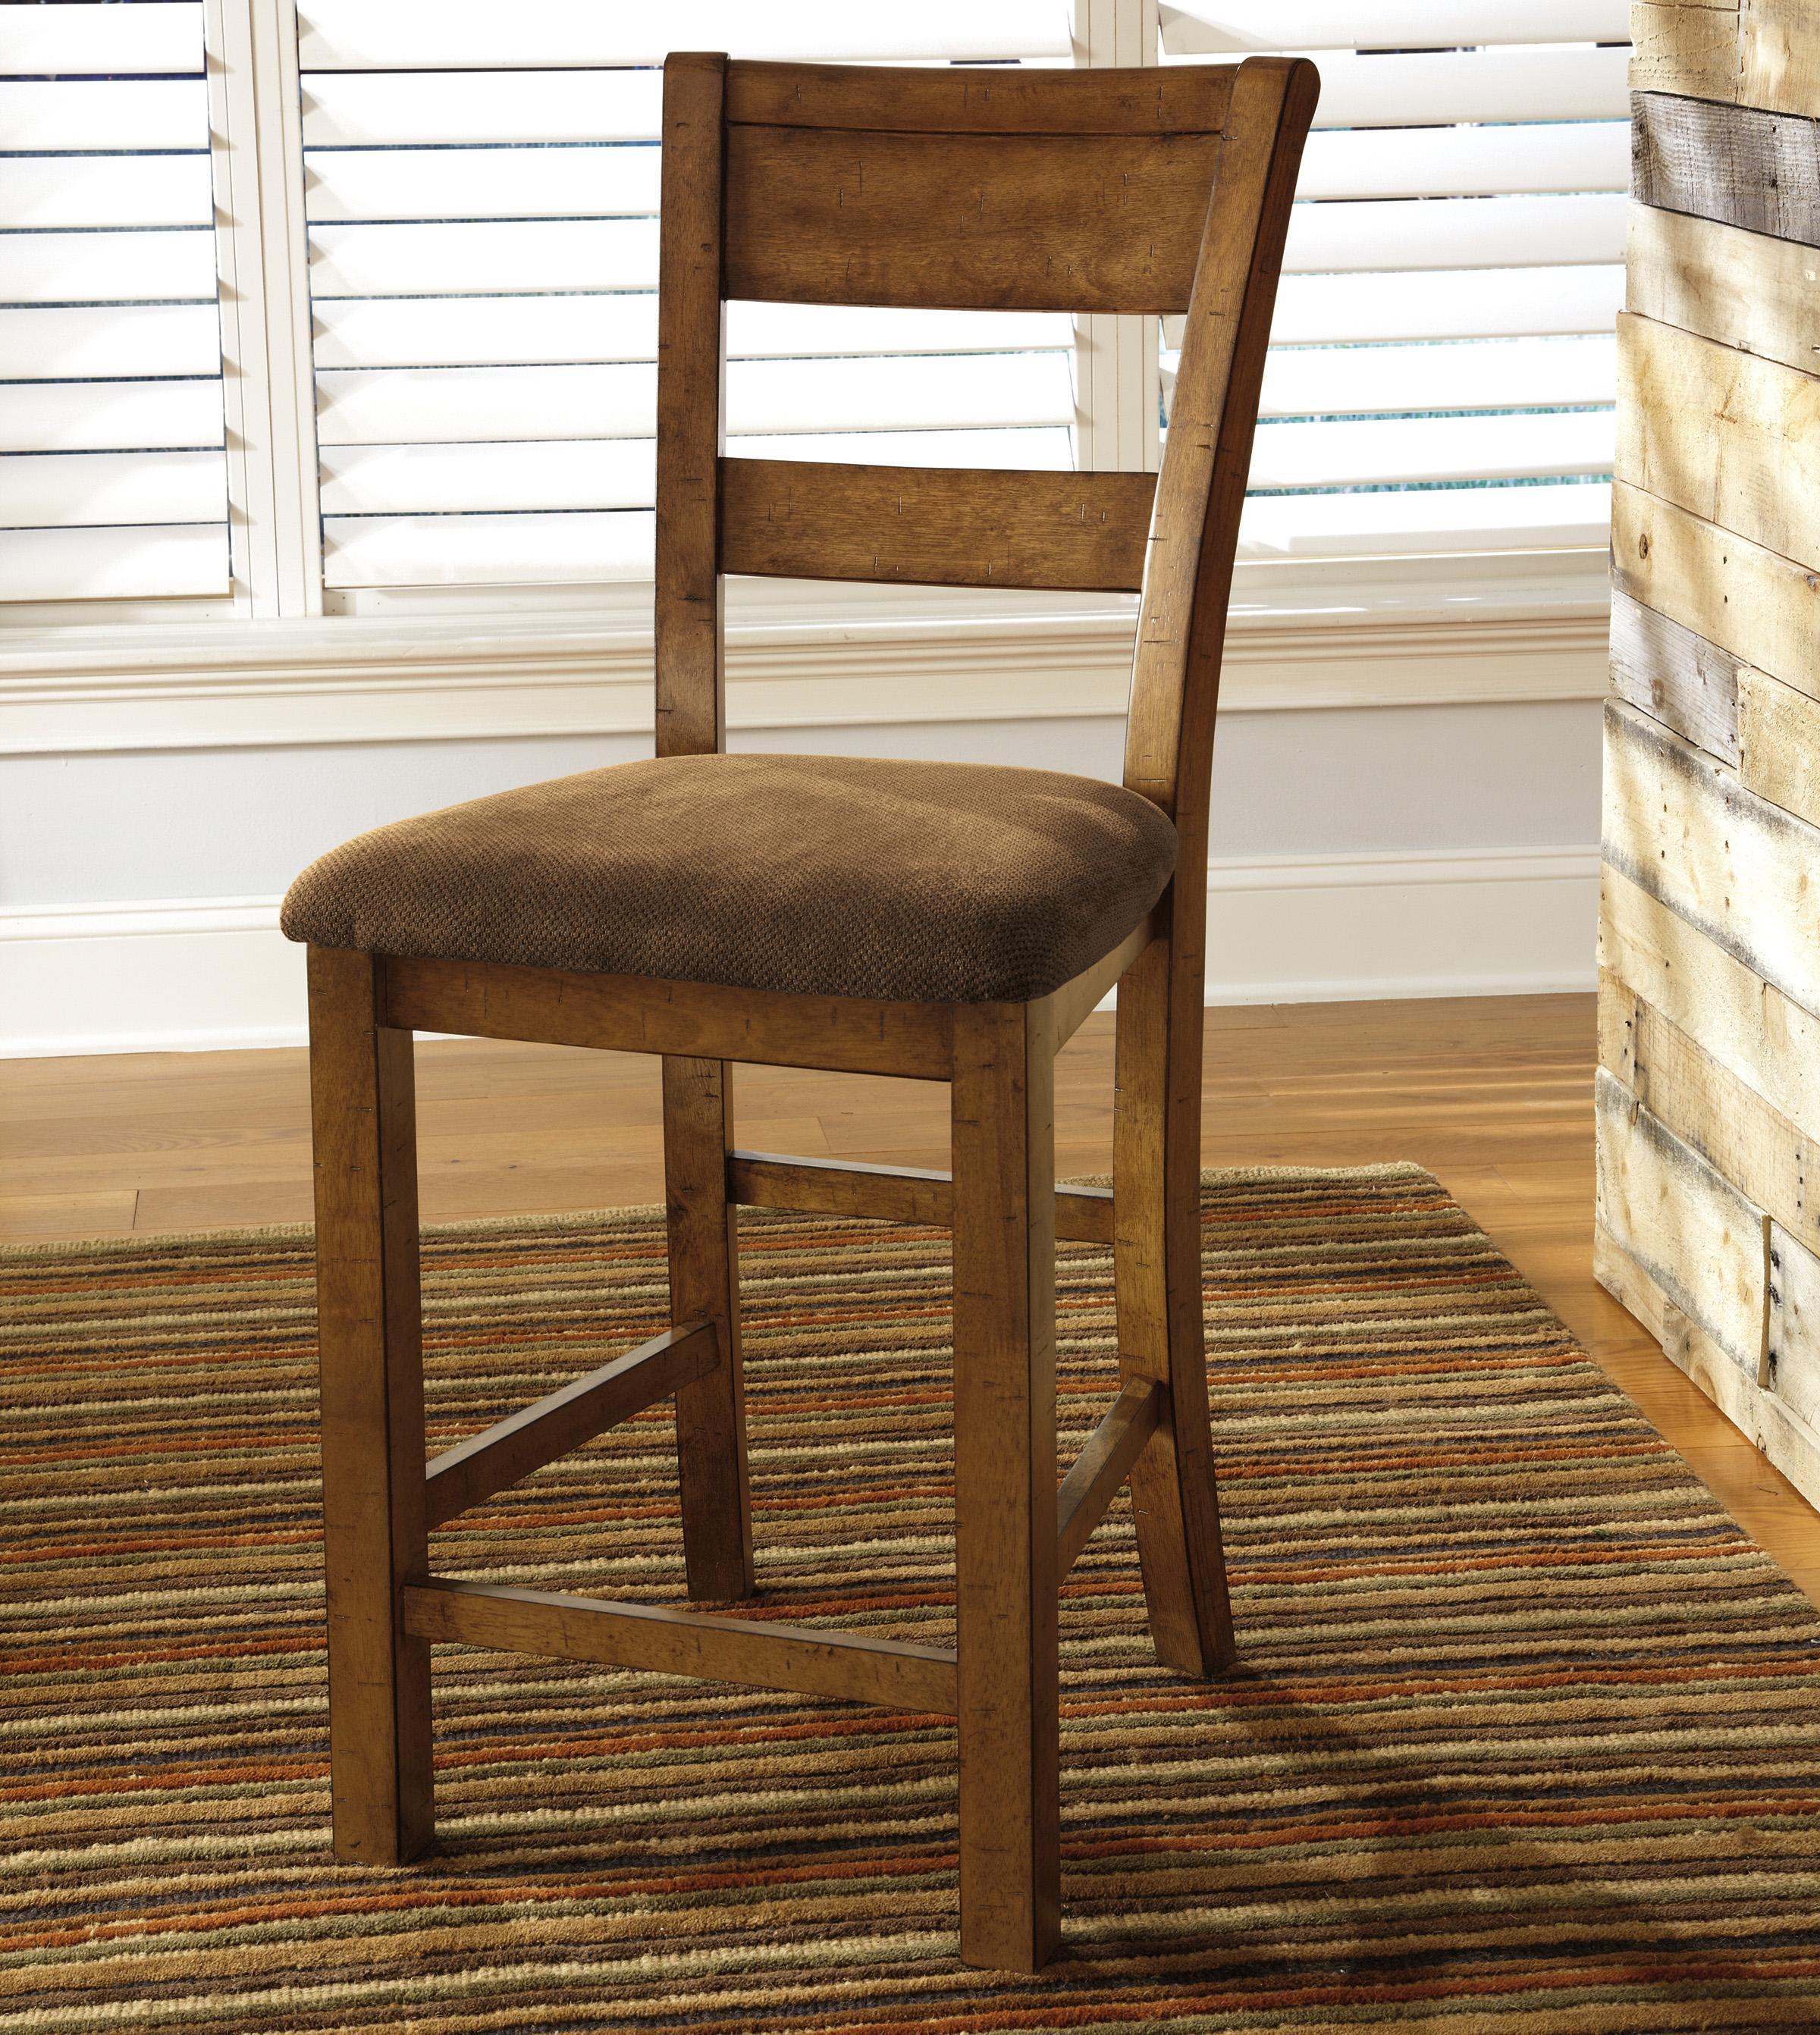 Signature design by ashley krinden d653 124 upholstered for Furniture 124